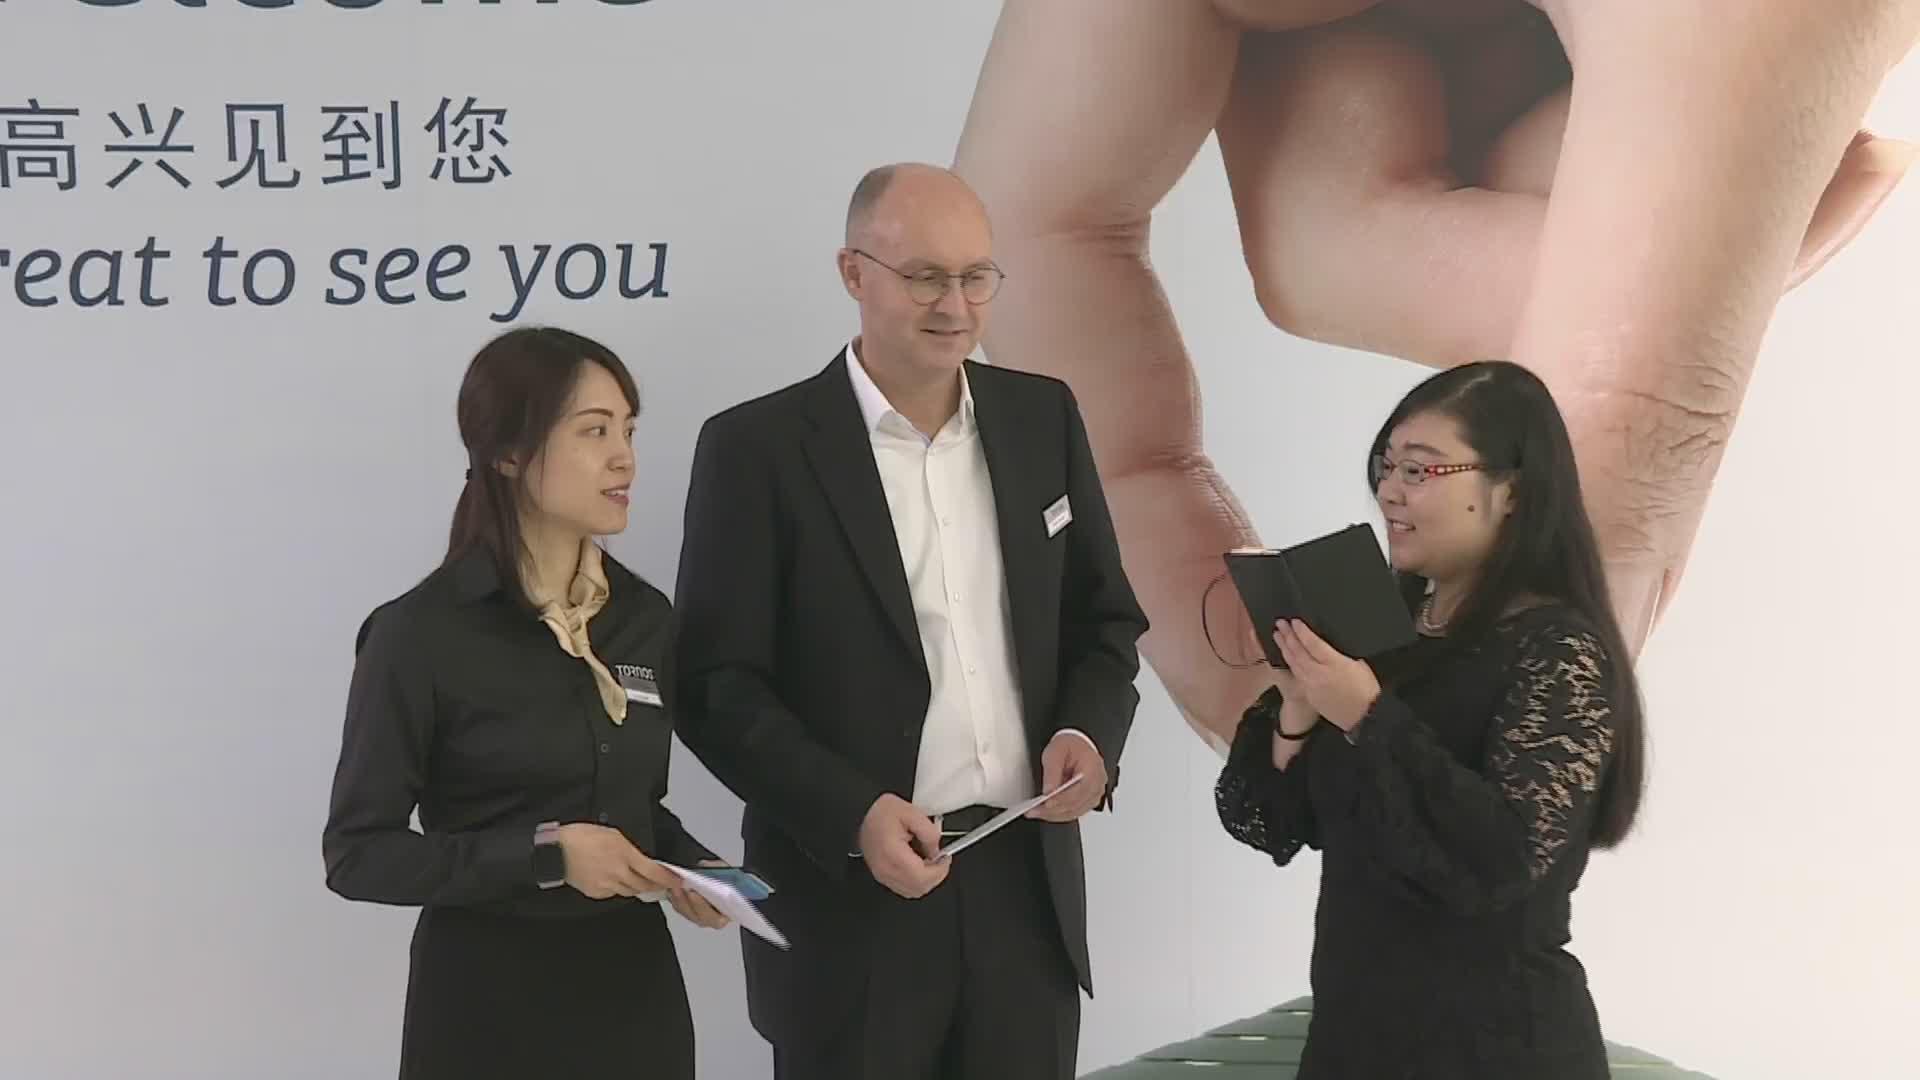 托纳斯全球市场负责人 Rolph Lucassen 先生及托纳斯大中华区市场经理,总经理助理刘源女士接受MM 主播李琳女士的采访